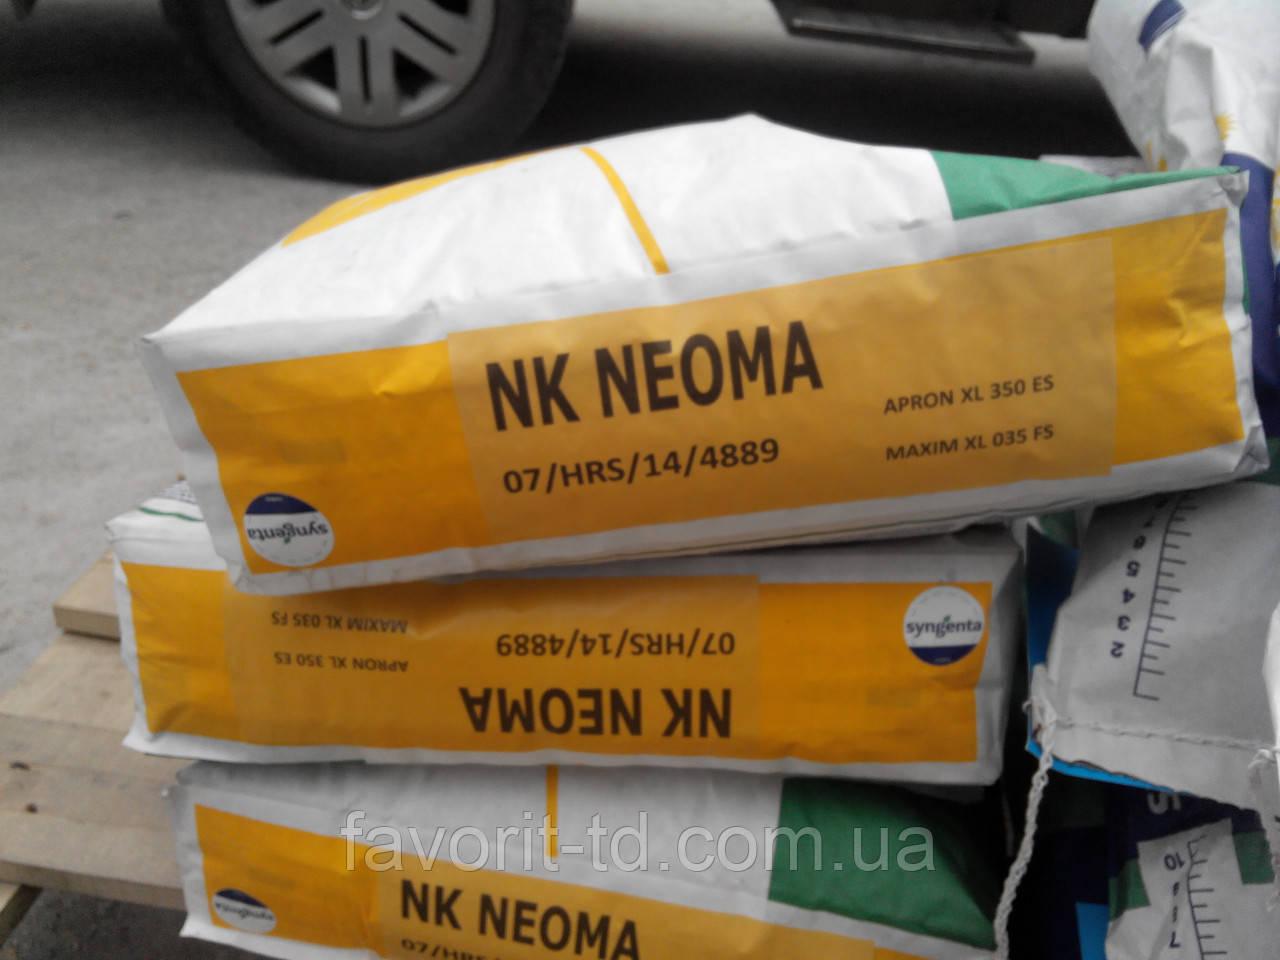 Подсолнечник Сингента НК Неома